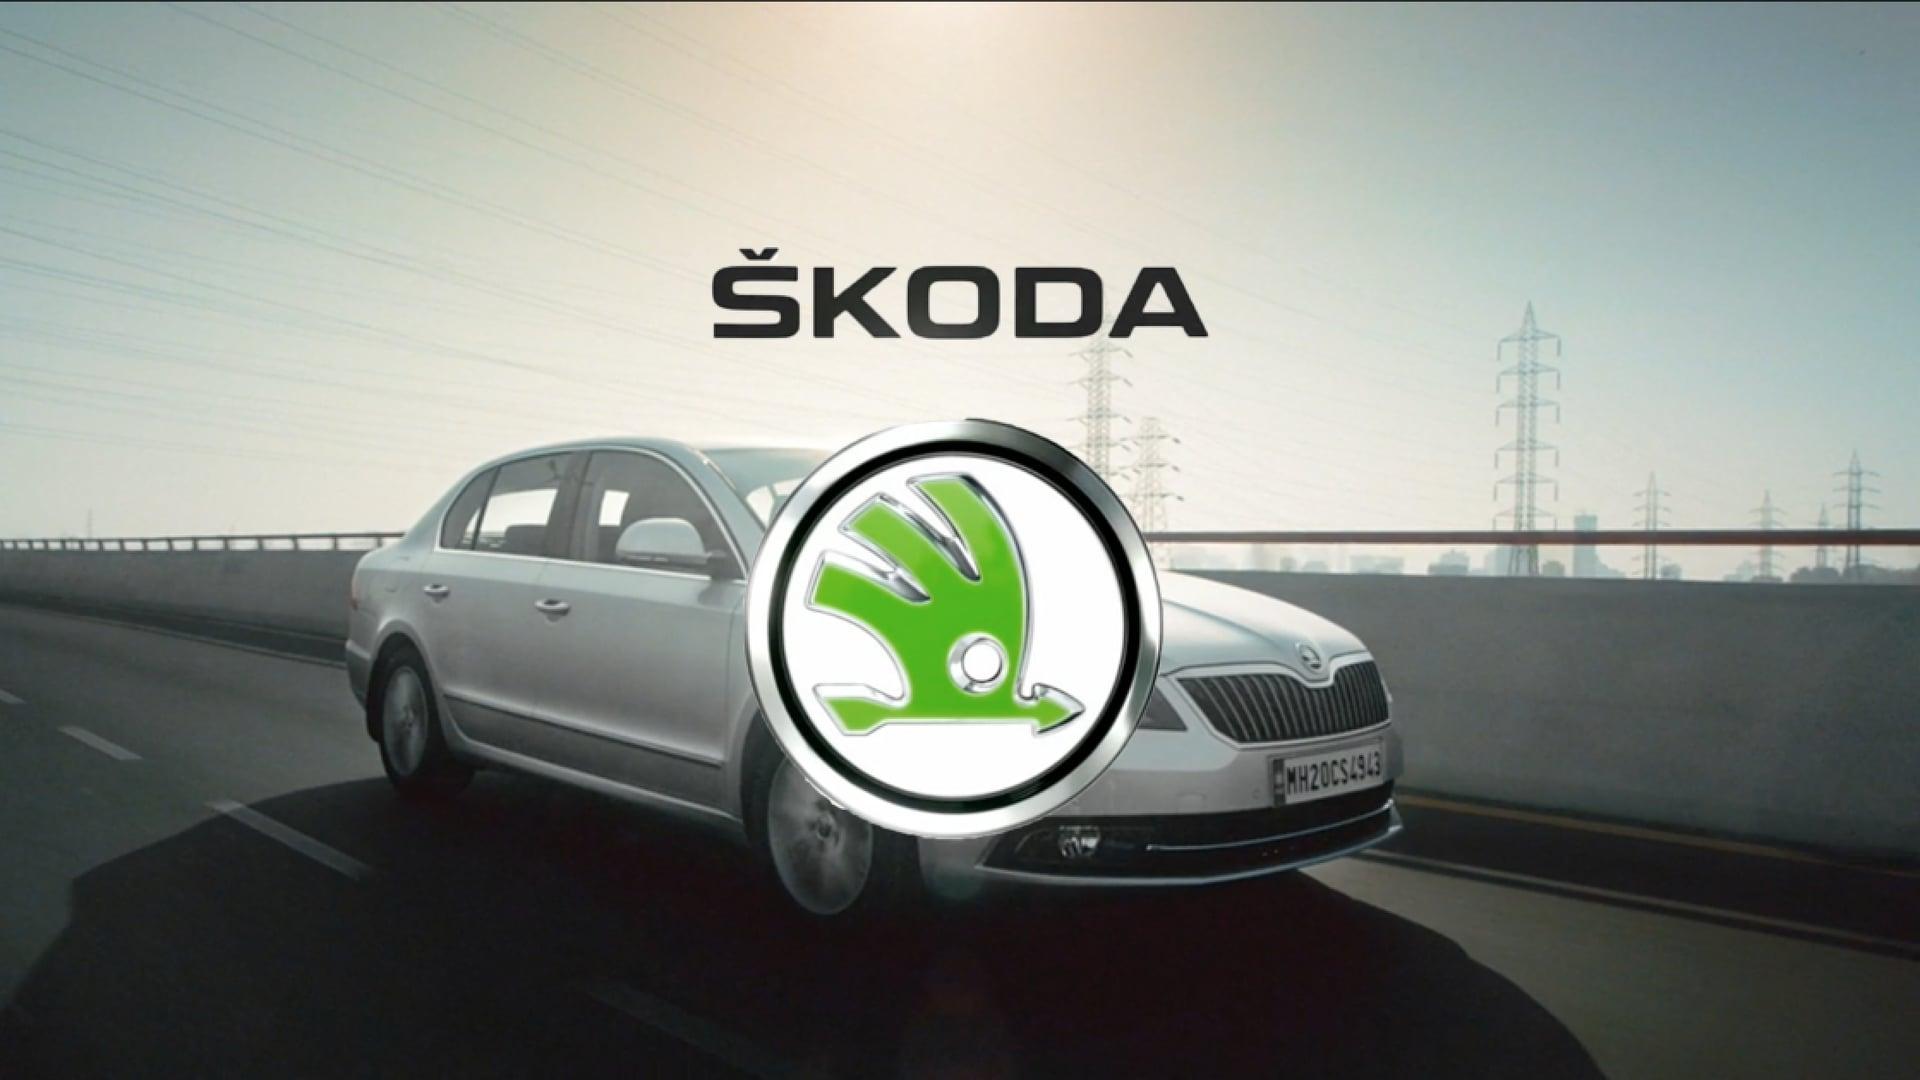 Skoda - Bussines Card